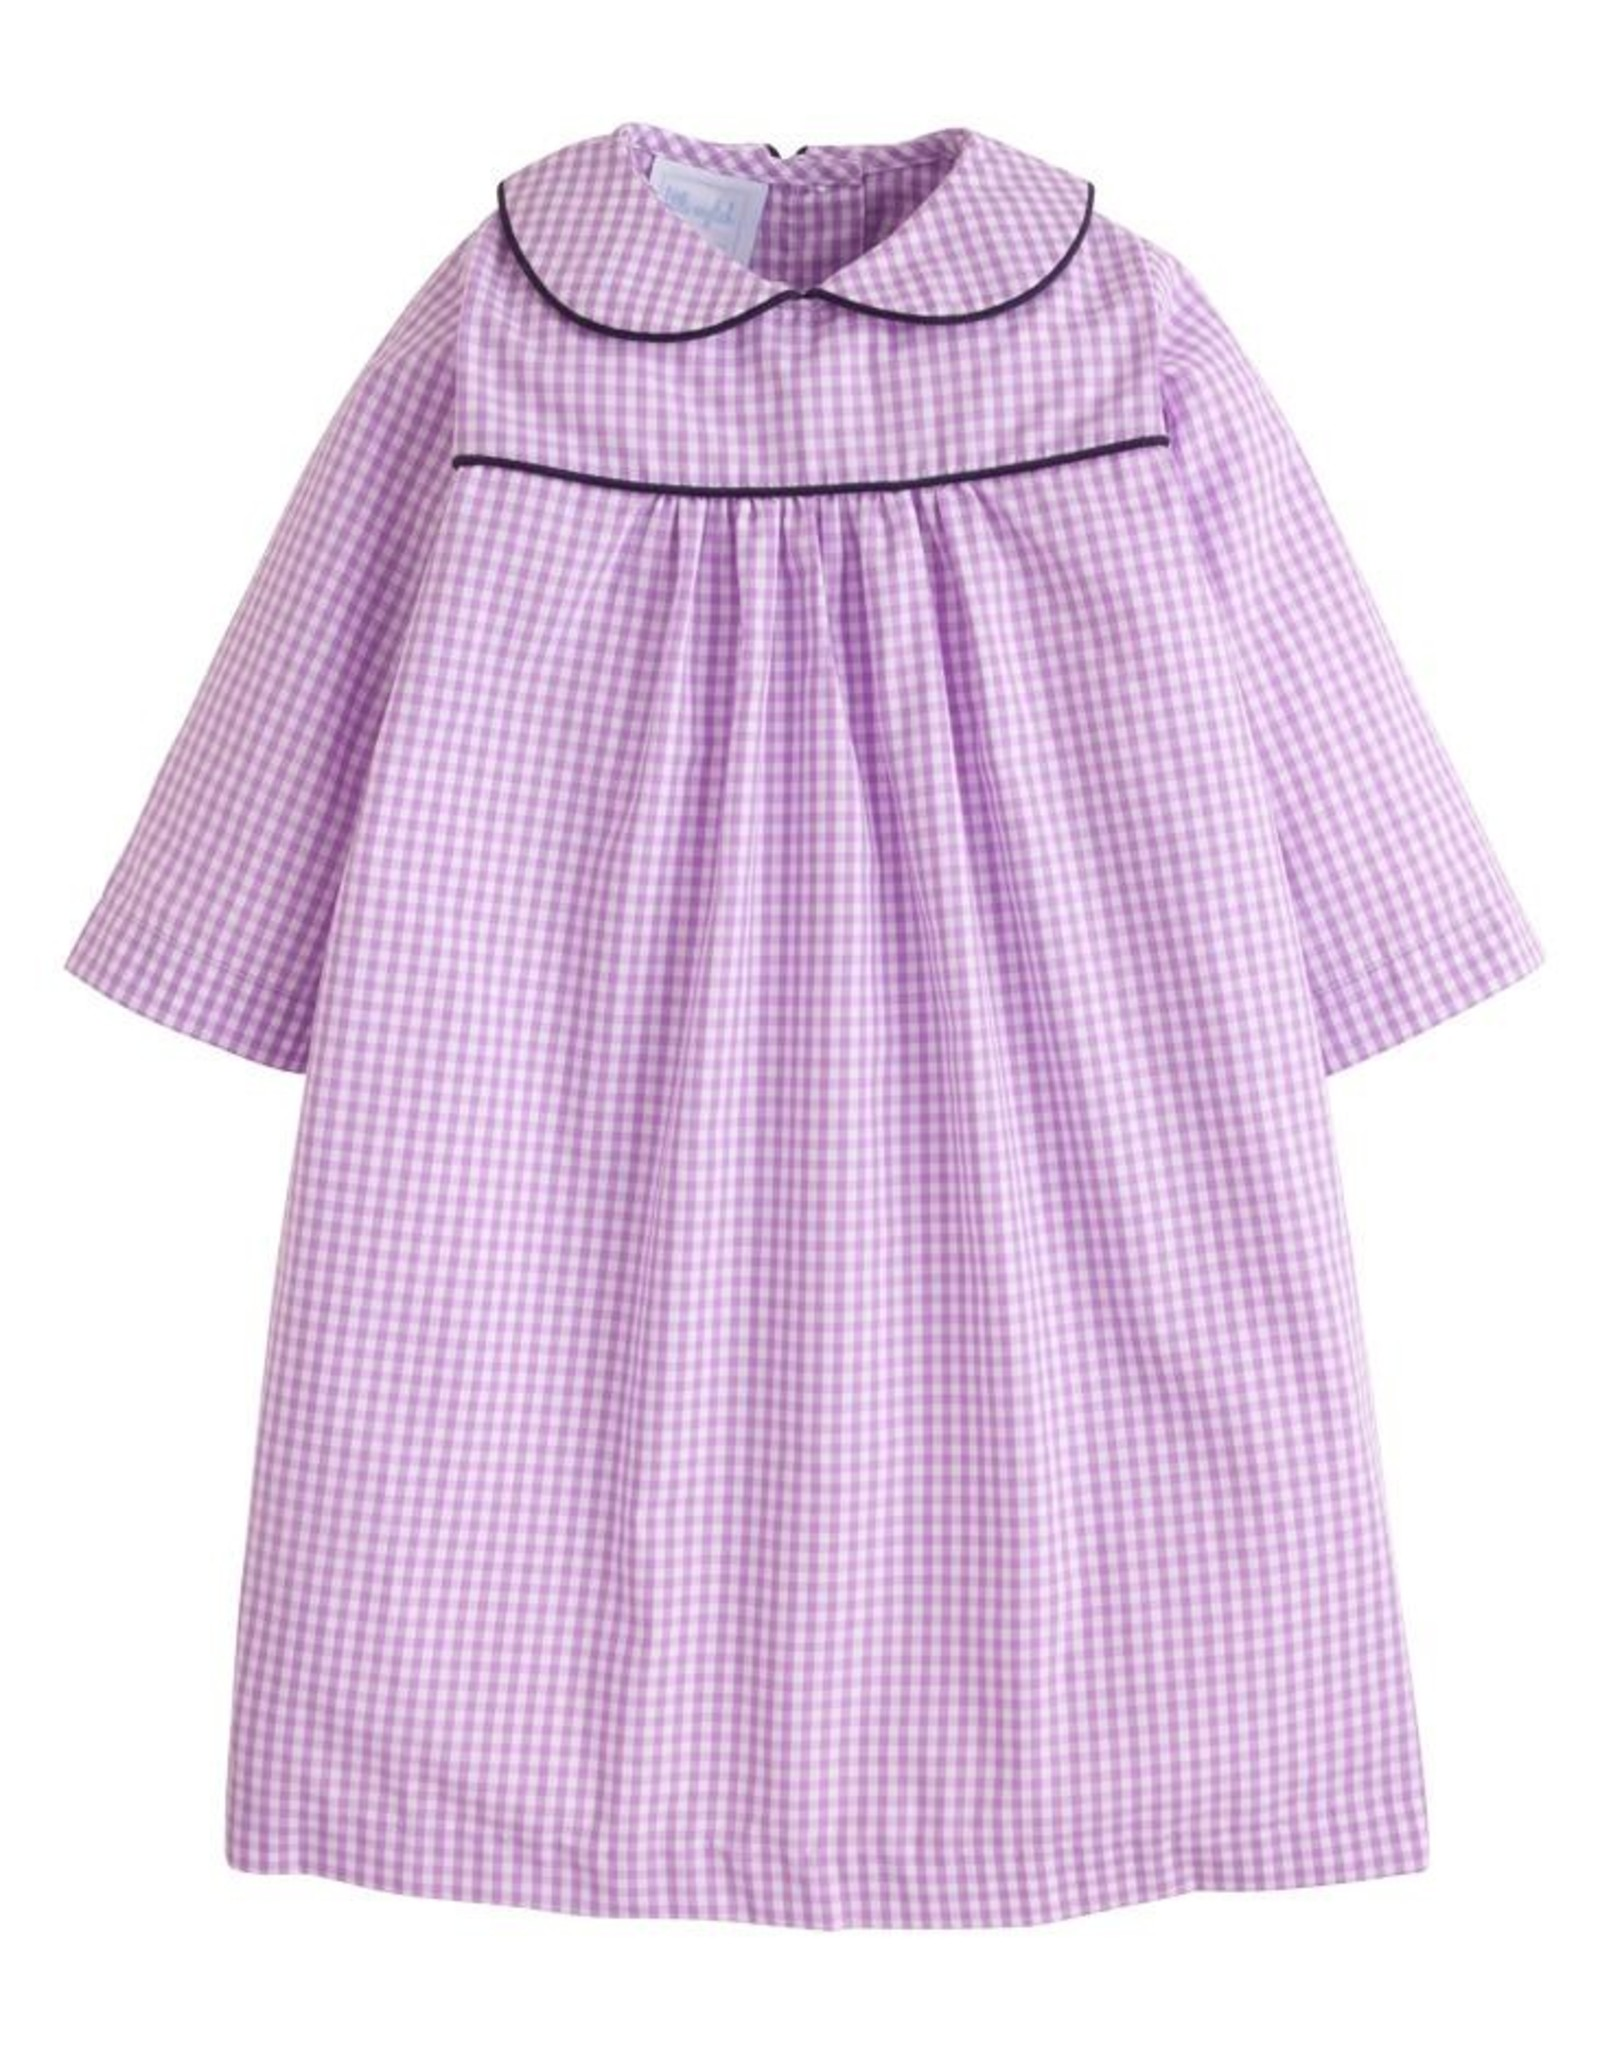 Little English Lavender Gingham Dunn Dress